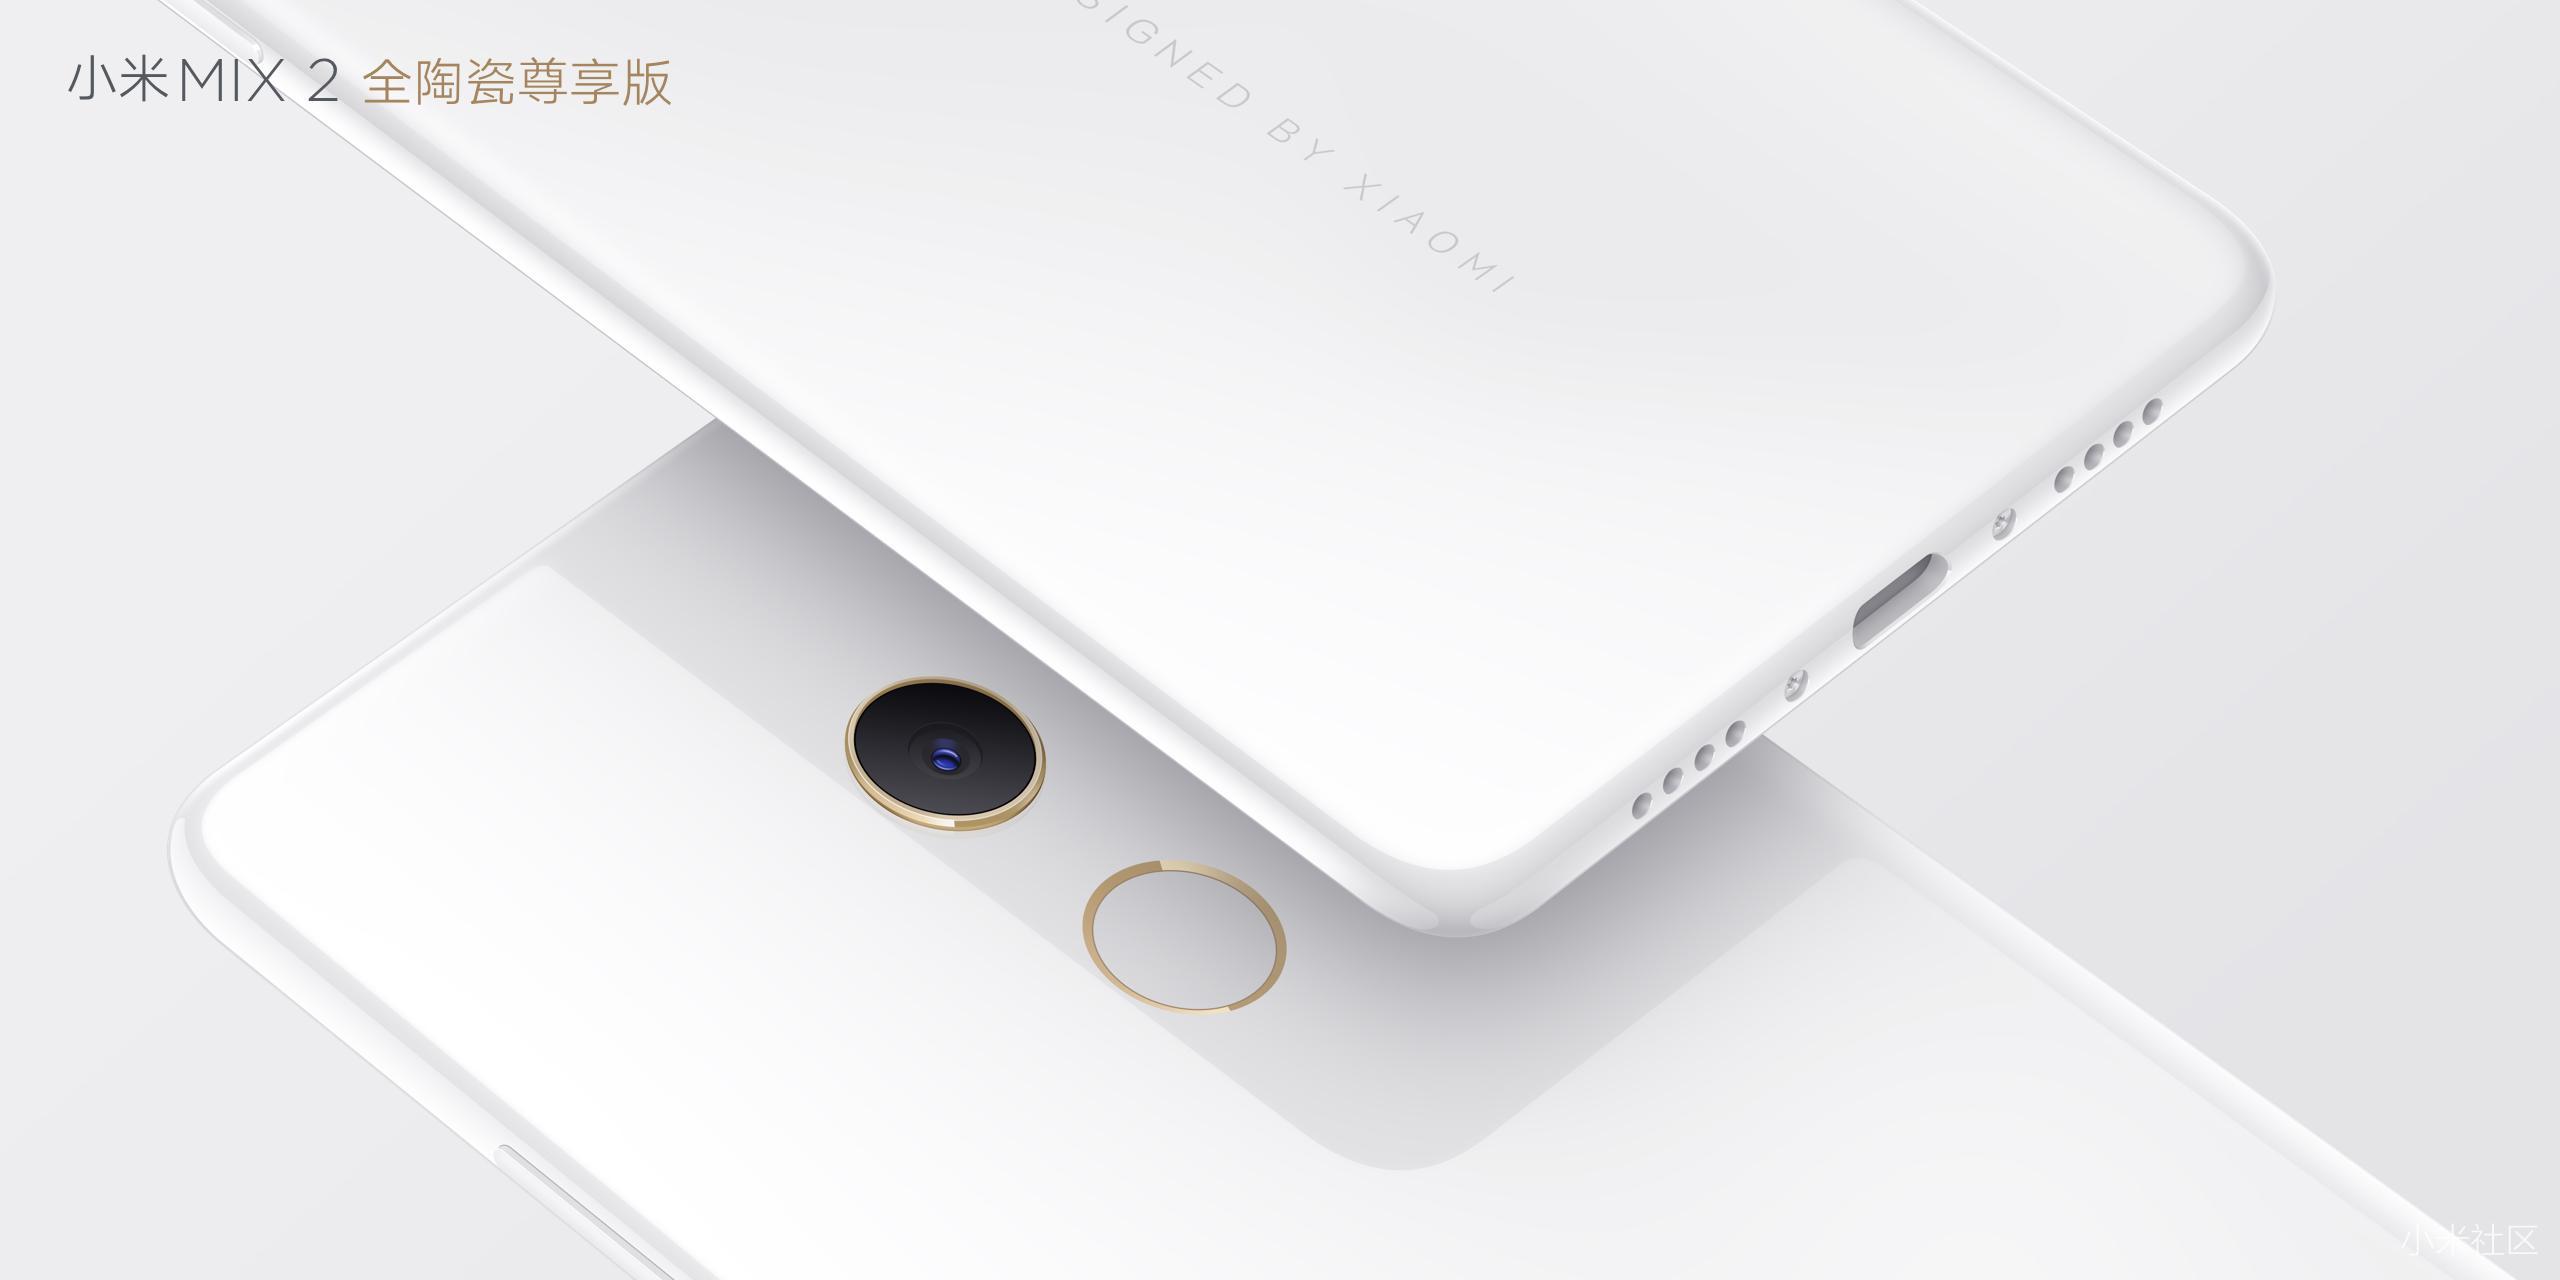 Xiaomi Mi MIX 2 edición especial precio